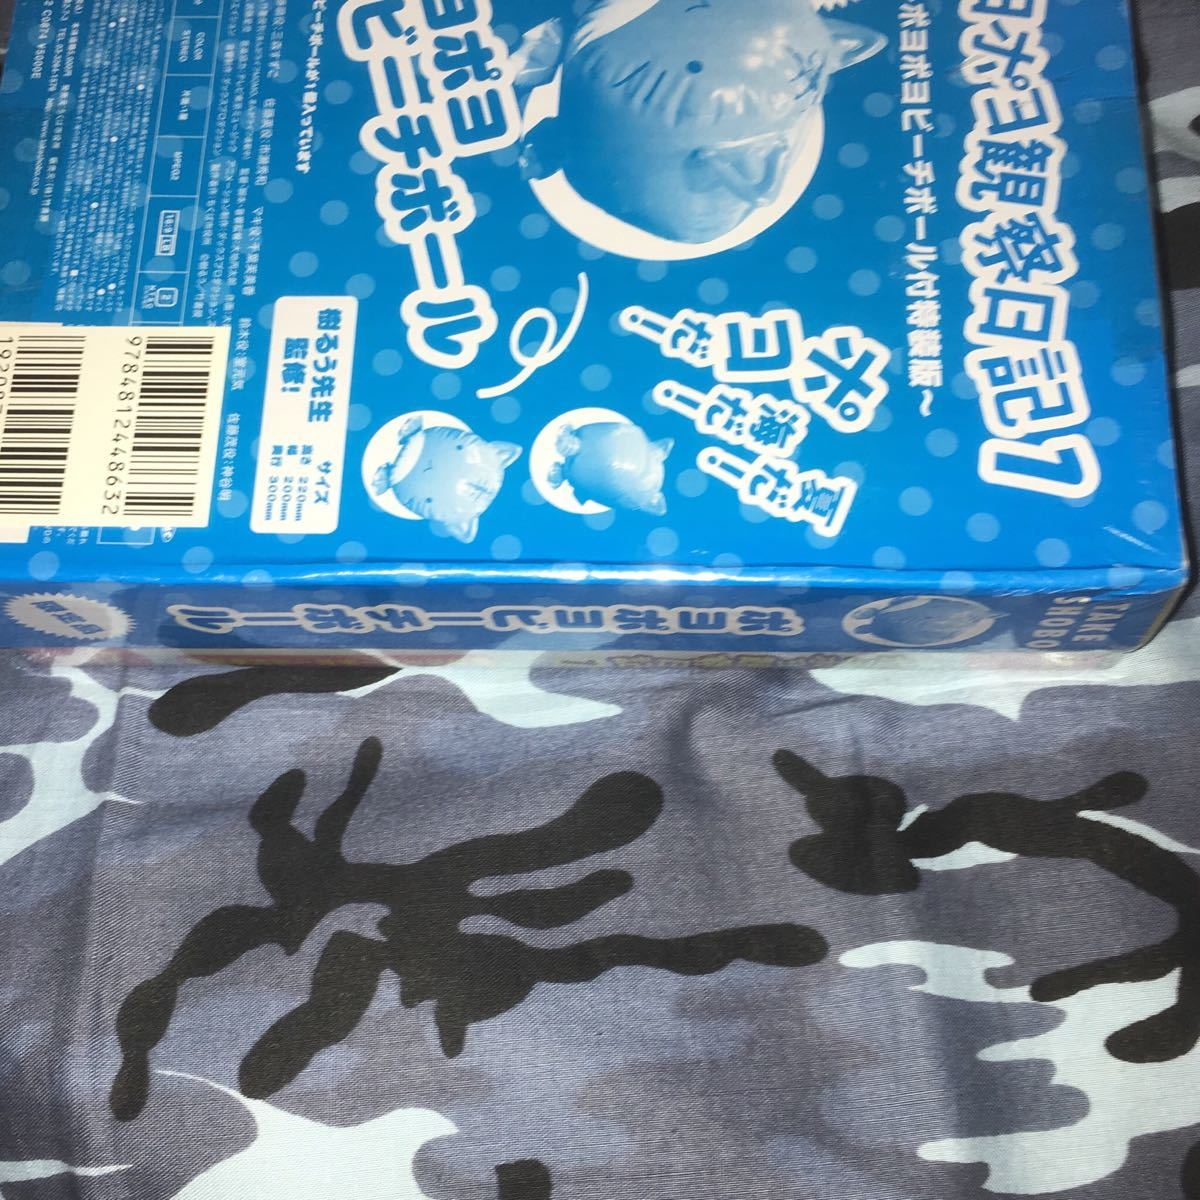 ポヨポヨ観察日記1 ポヨポヨビーチボール付特装版 DVD 未開封 匿名配送